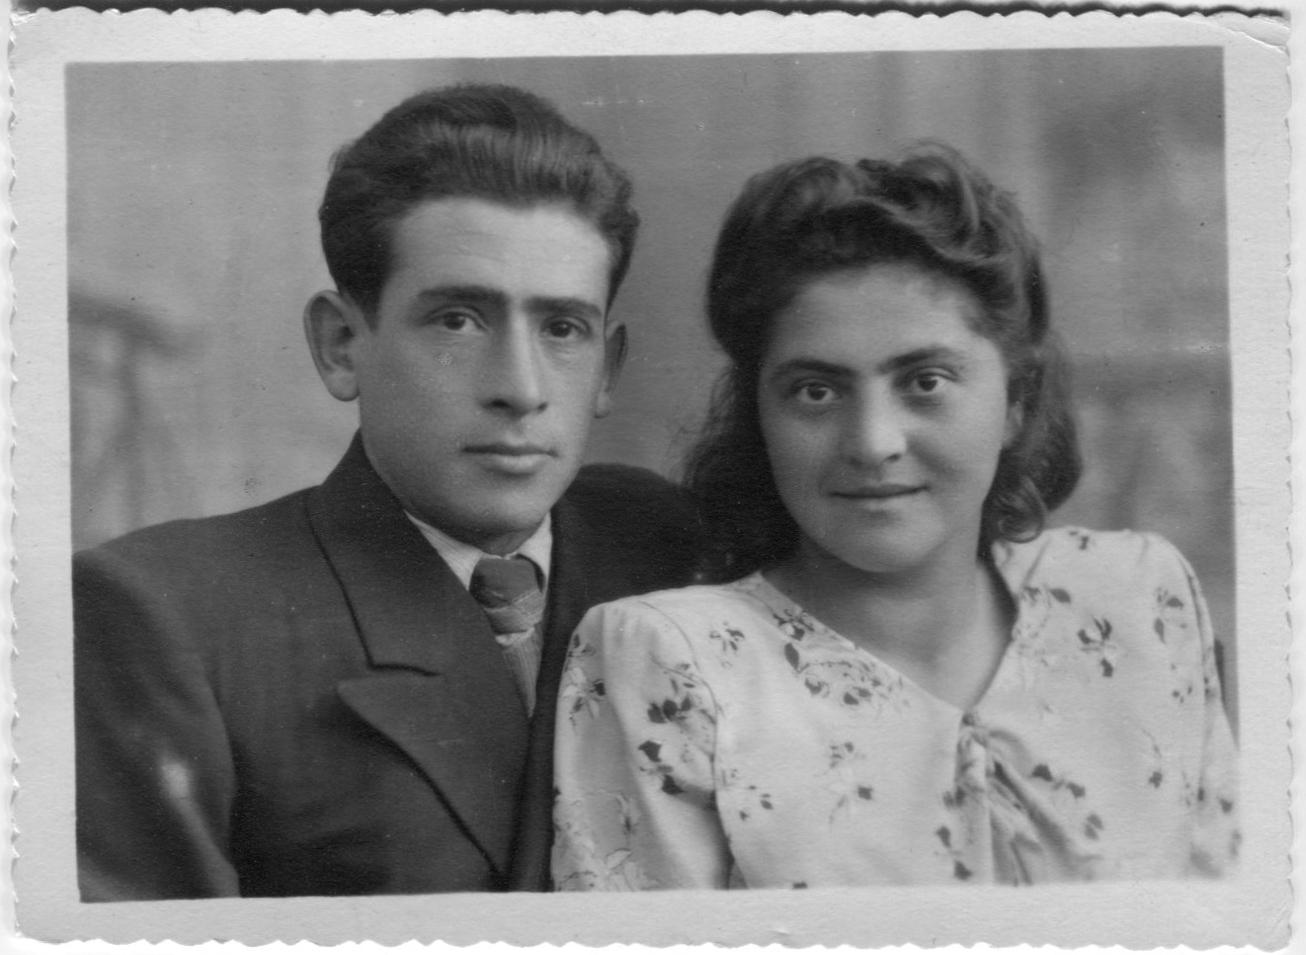 Berta and Leonid001